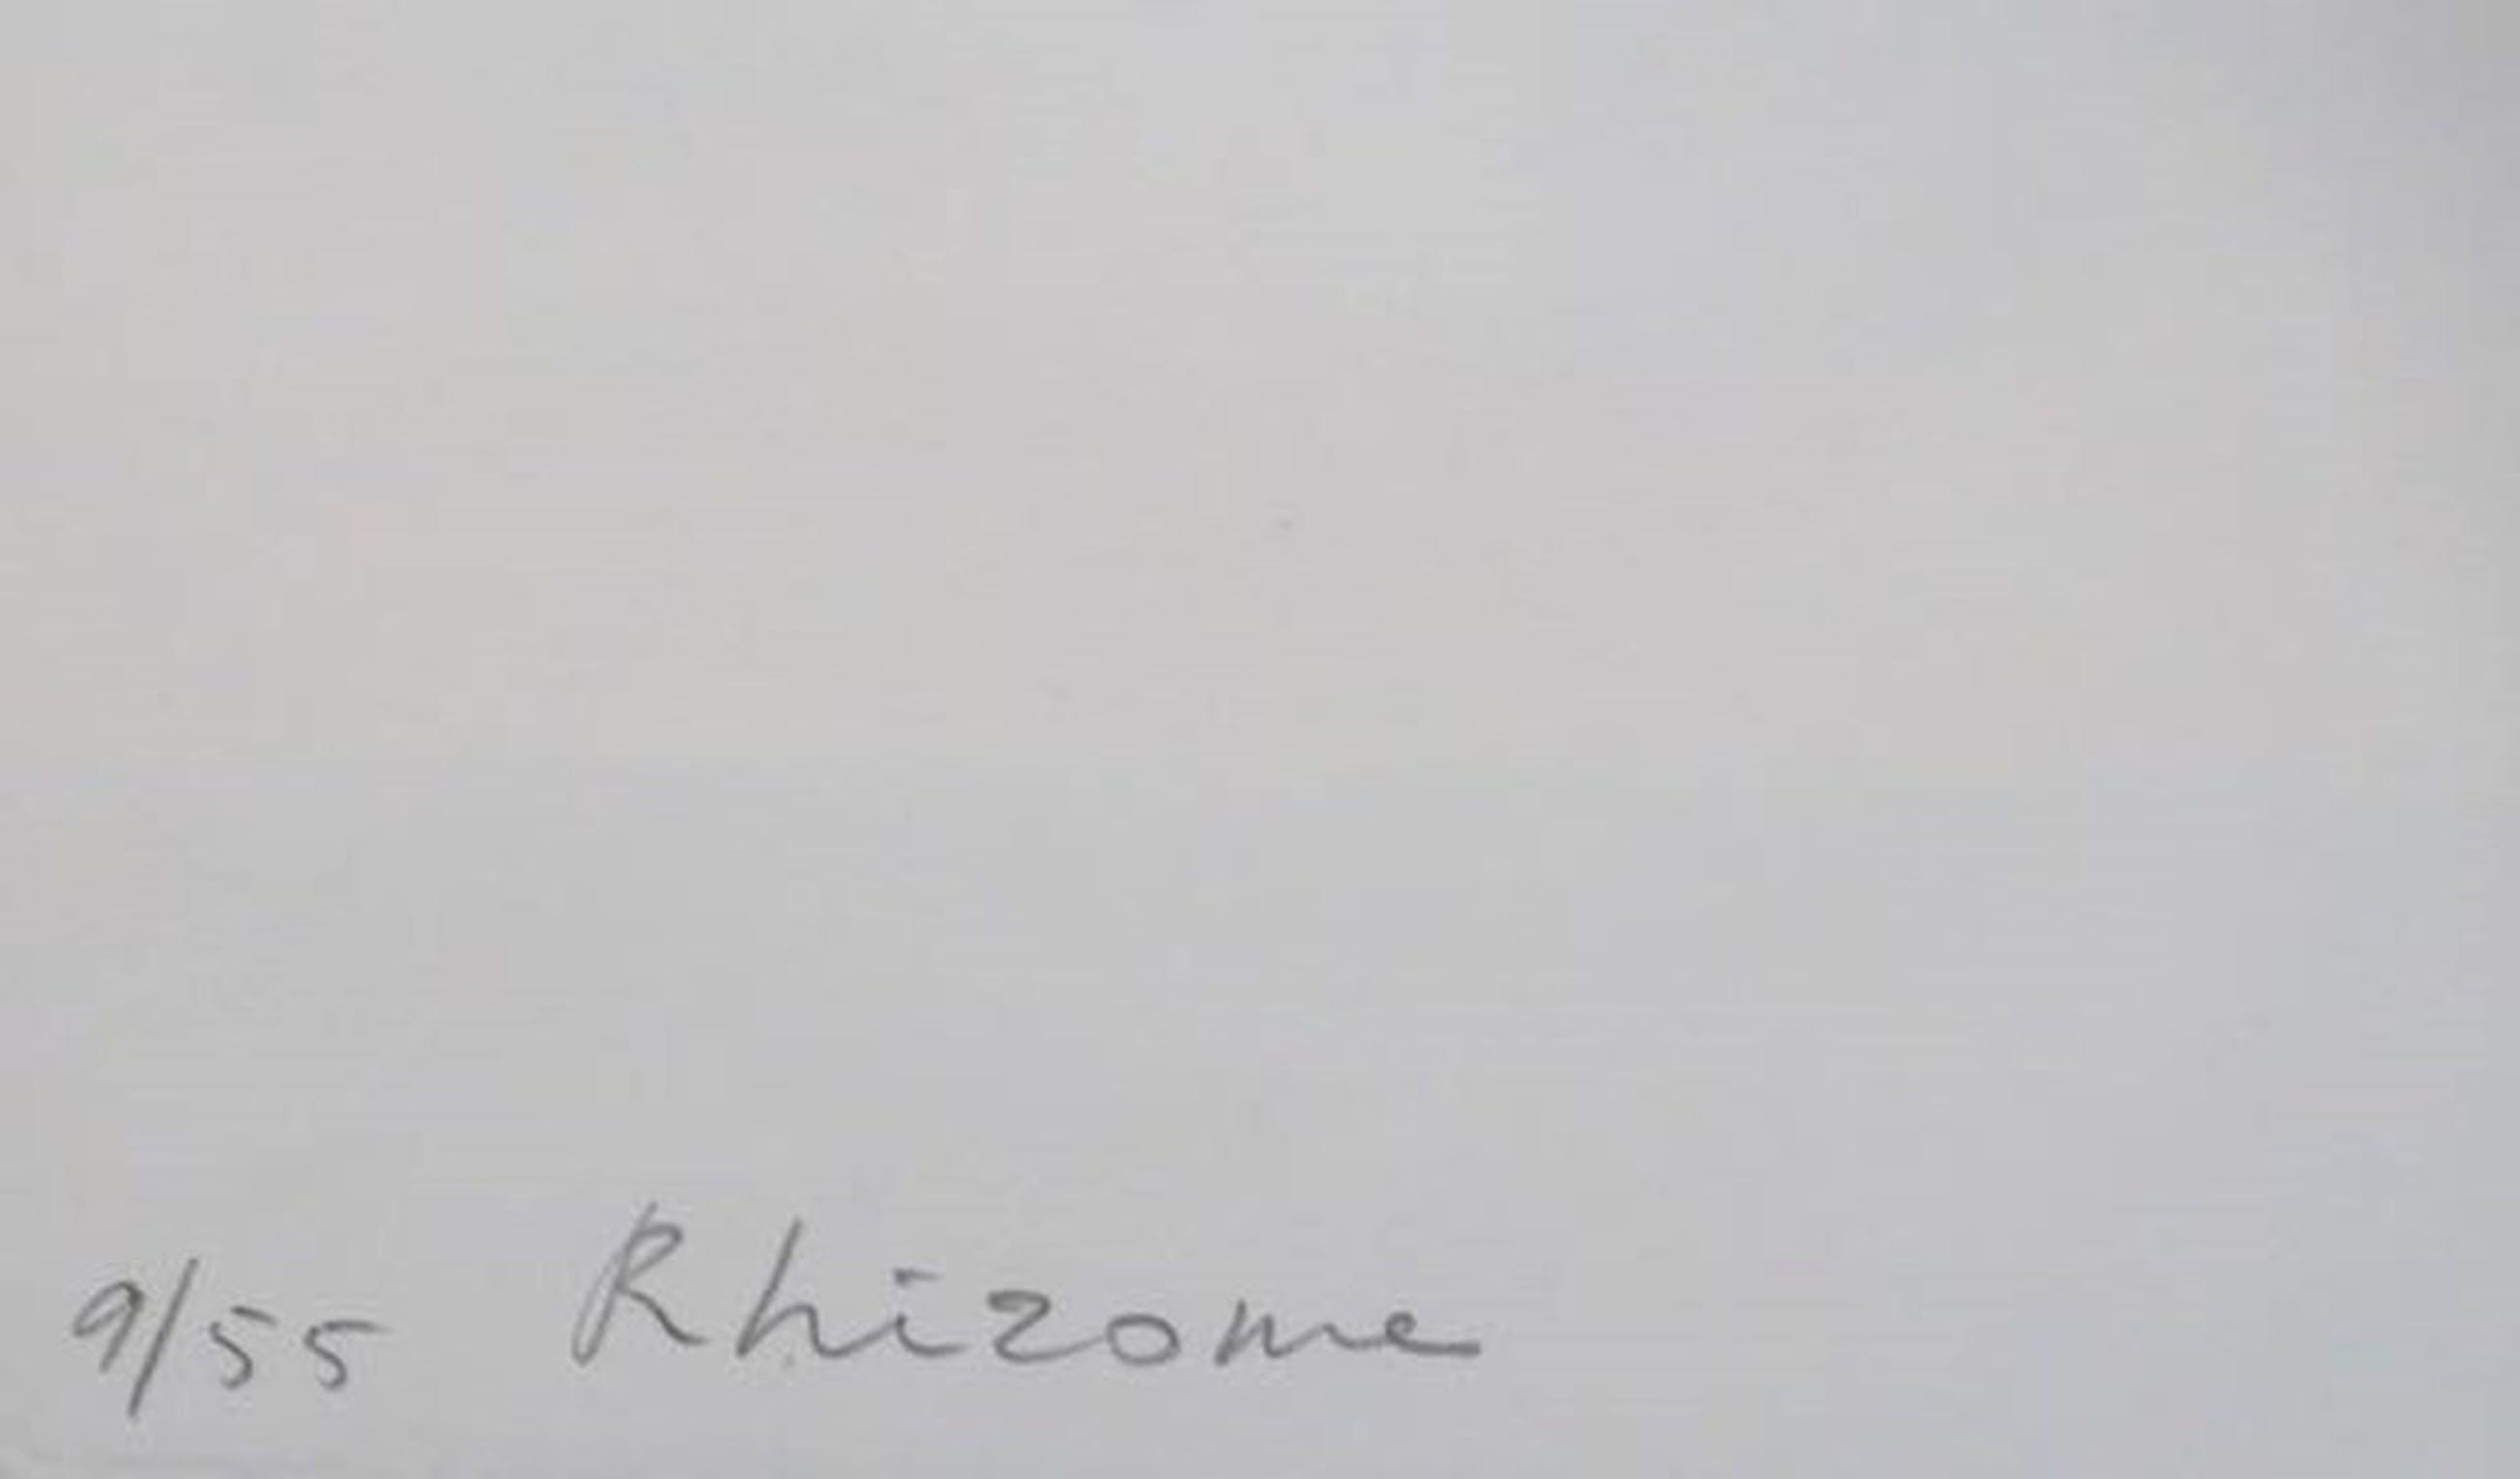 Sjoerd Buisman: Litho, Rhizome - Ingelijst kopen? Bied vanaf 50!